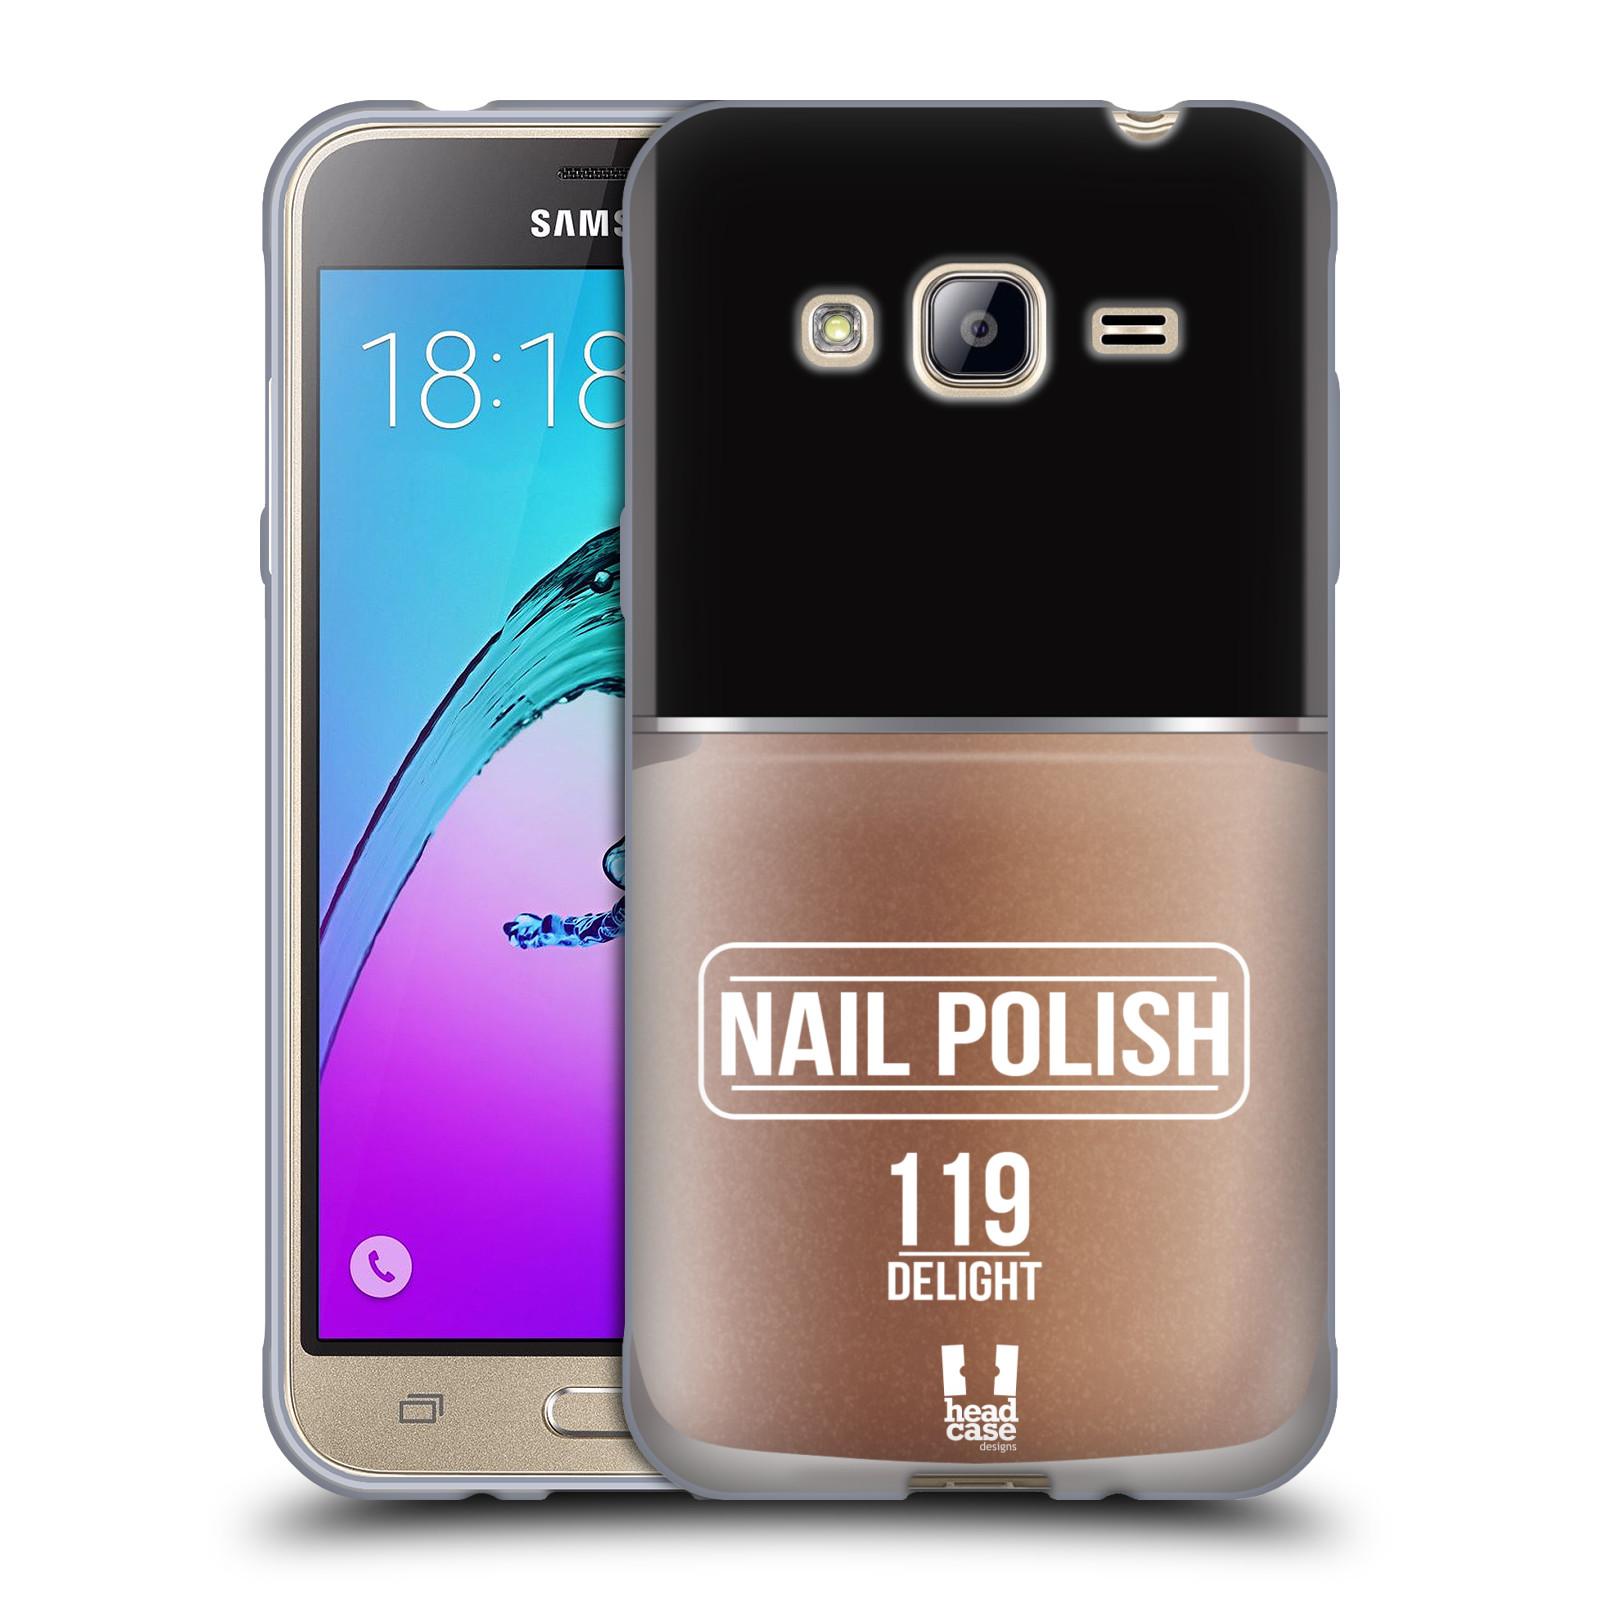 Galaxy Gel Nail Polish 73: HEAD CASE DESIGNS NAIL POLISH SOFT GEL CASE FOR SAMSUNG